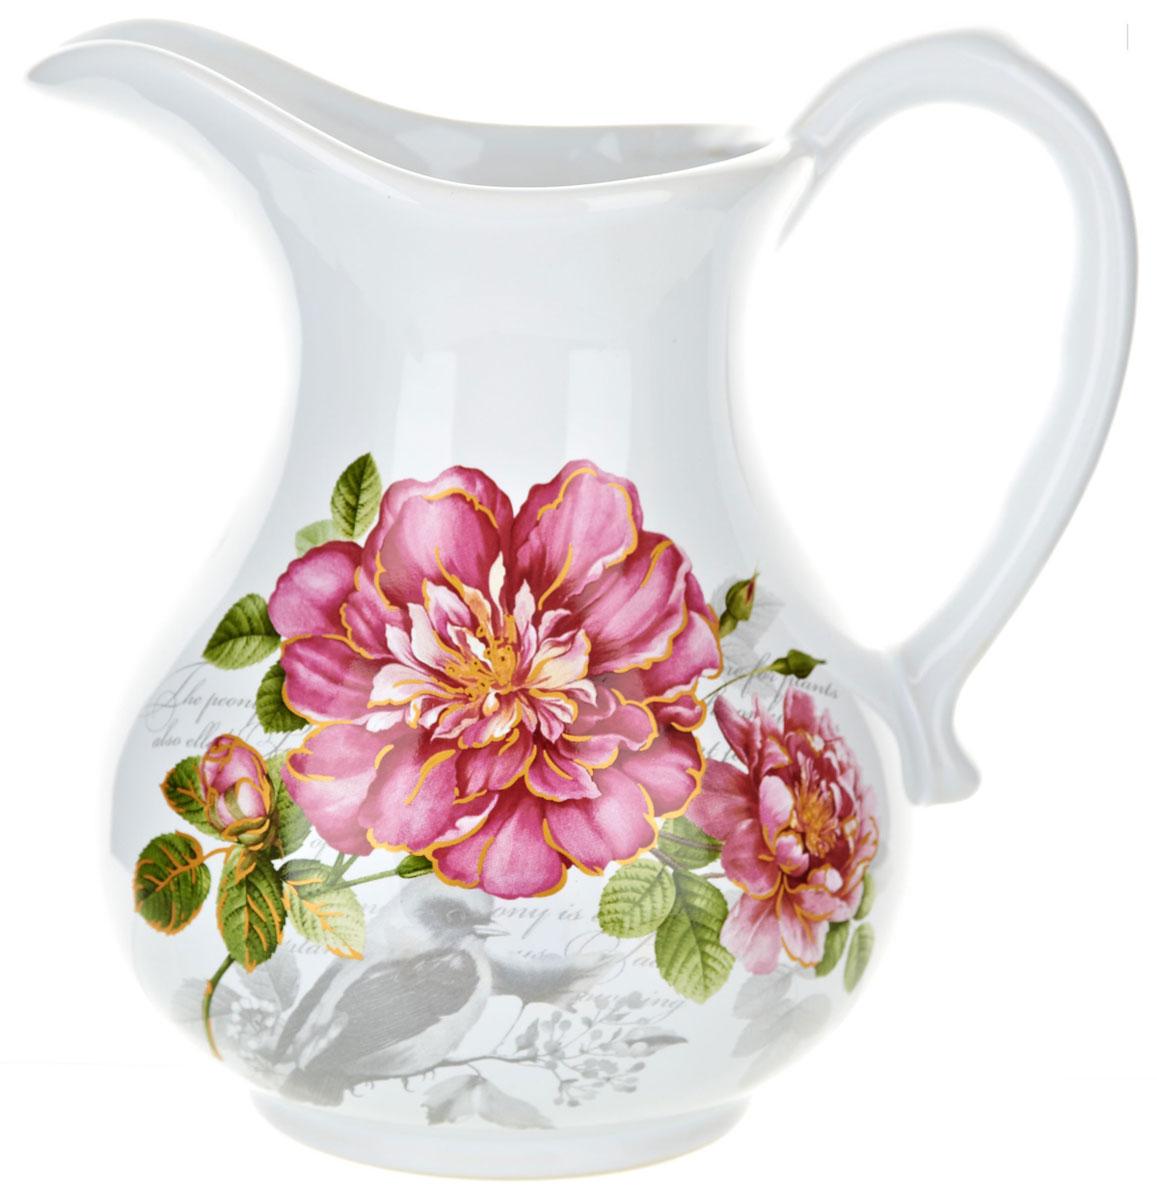 Кувшин ENS Group Райский сад, 1,2 лL2520384Кувшин Райский сад изготовлен из высококачественной керамики с изящным рисунком. Кувшин оснащен удобной ручкой. Прекрасно подходит для подачи воды, сока, компота и других напитков. Изящный кувшин красиво оформит стол и порадует вас элегантным дизайном и простотой ухода.